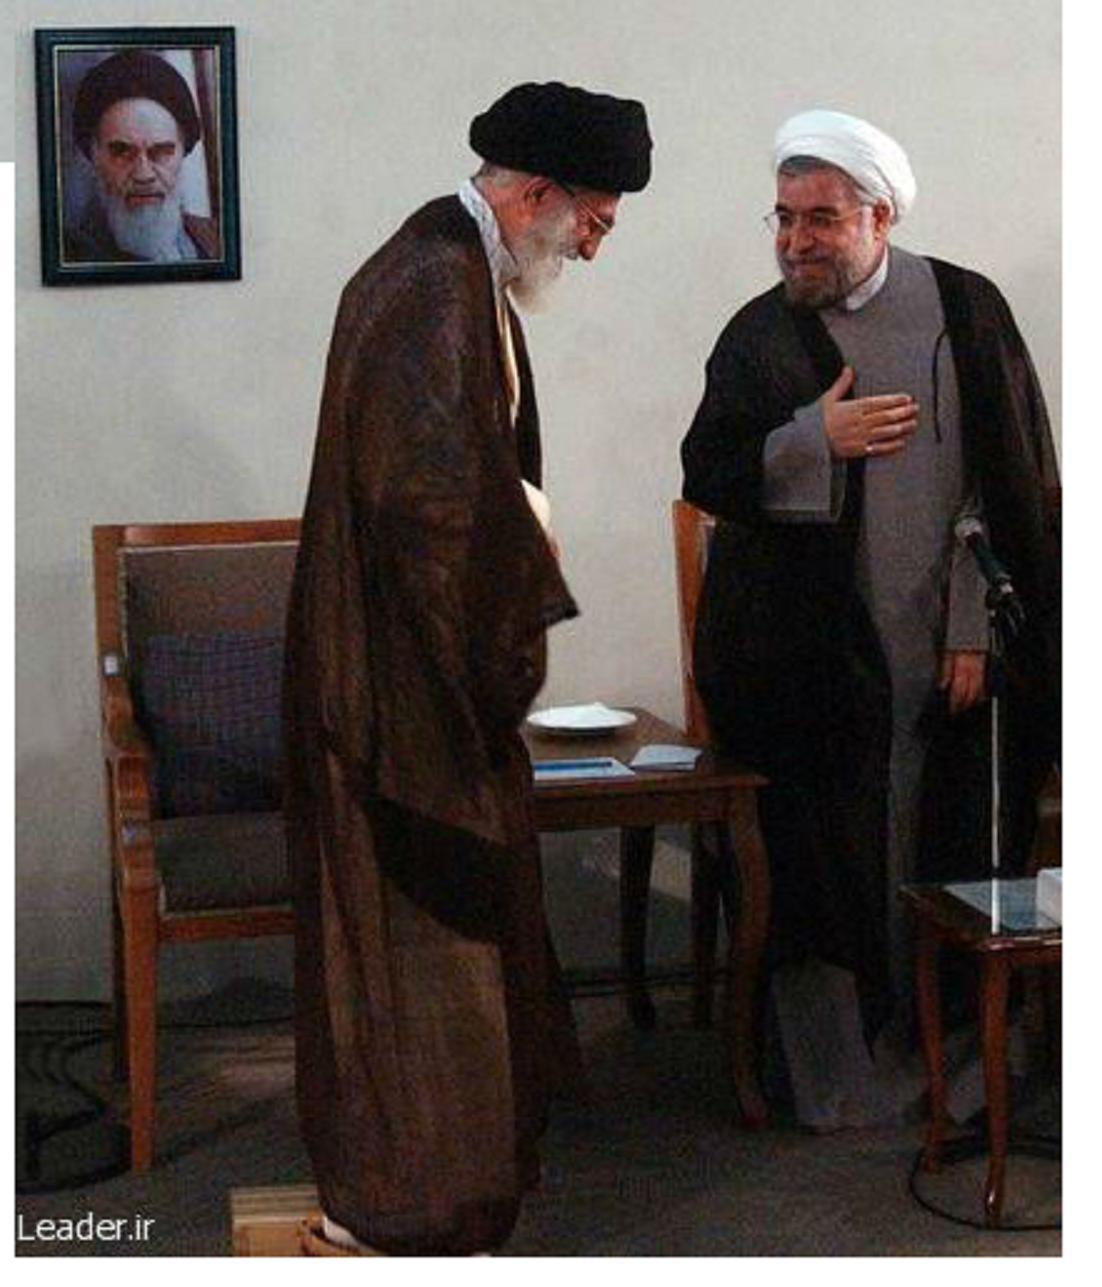 دو نما از حسن روحانی: محمو احمدی نژاد جیمز باند نظام اسلامی منوچهر فریدون از